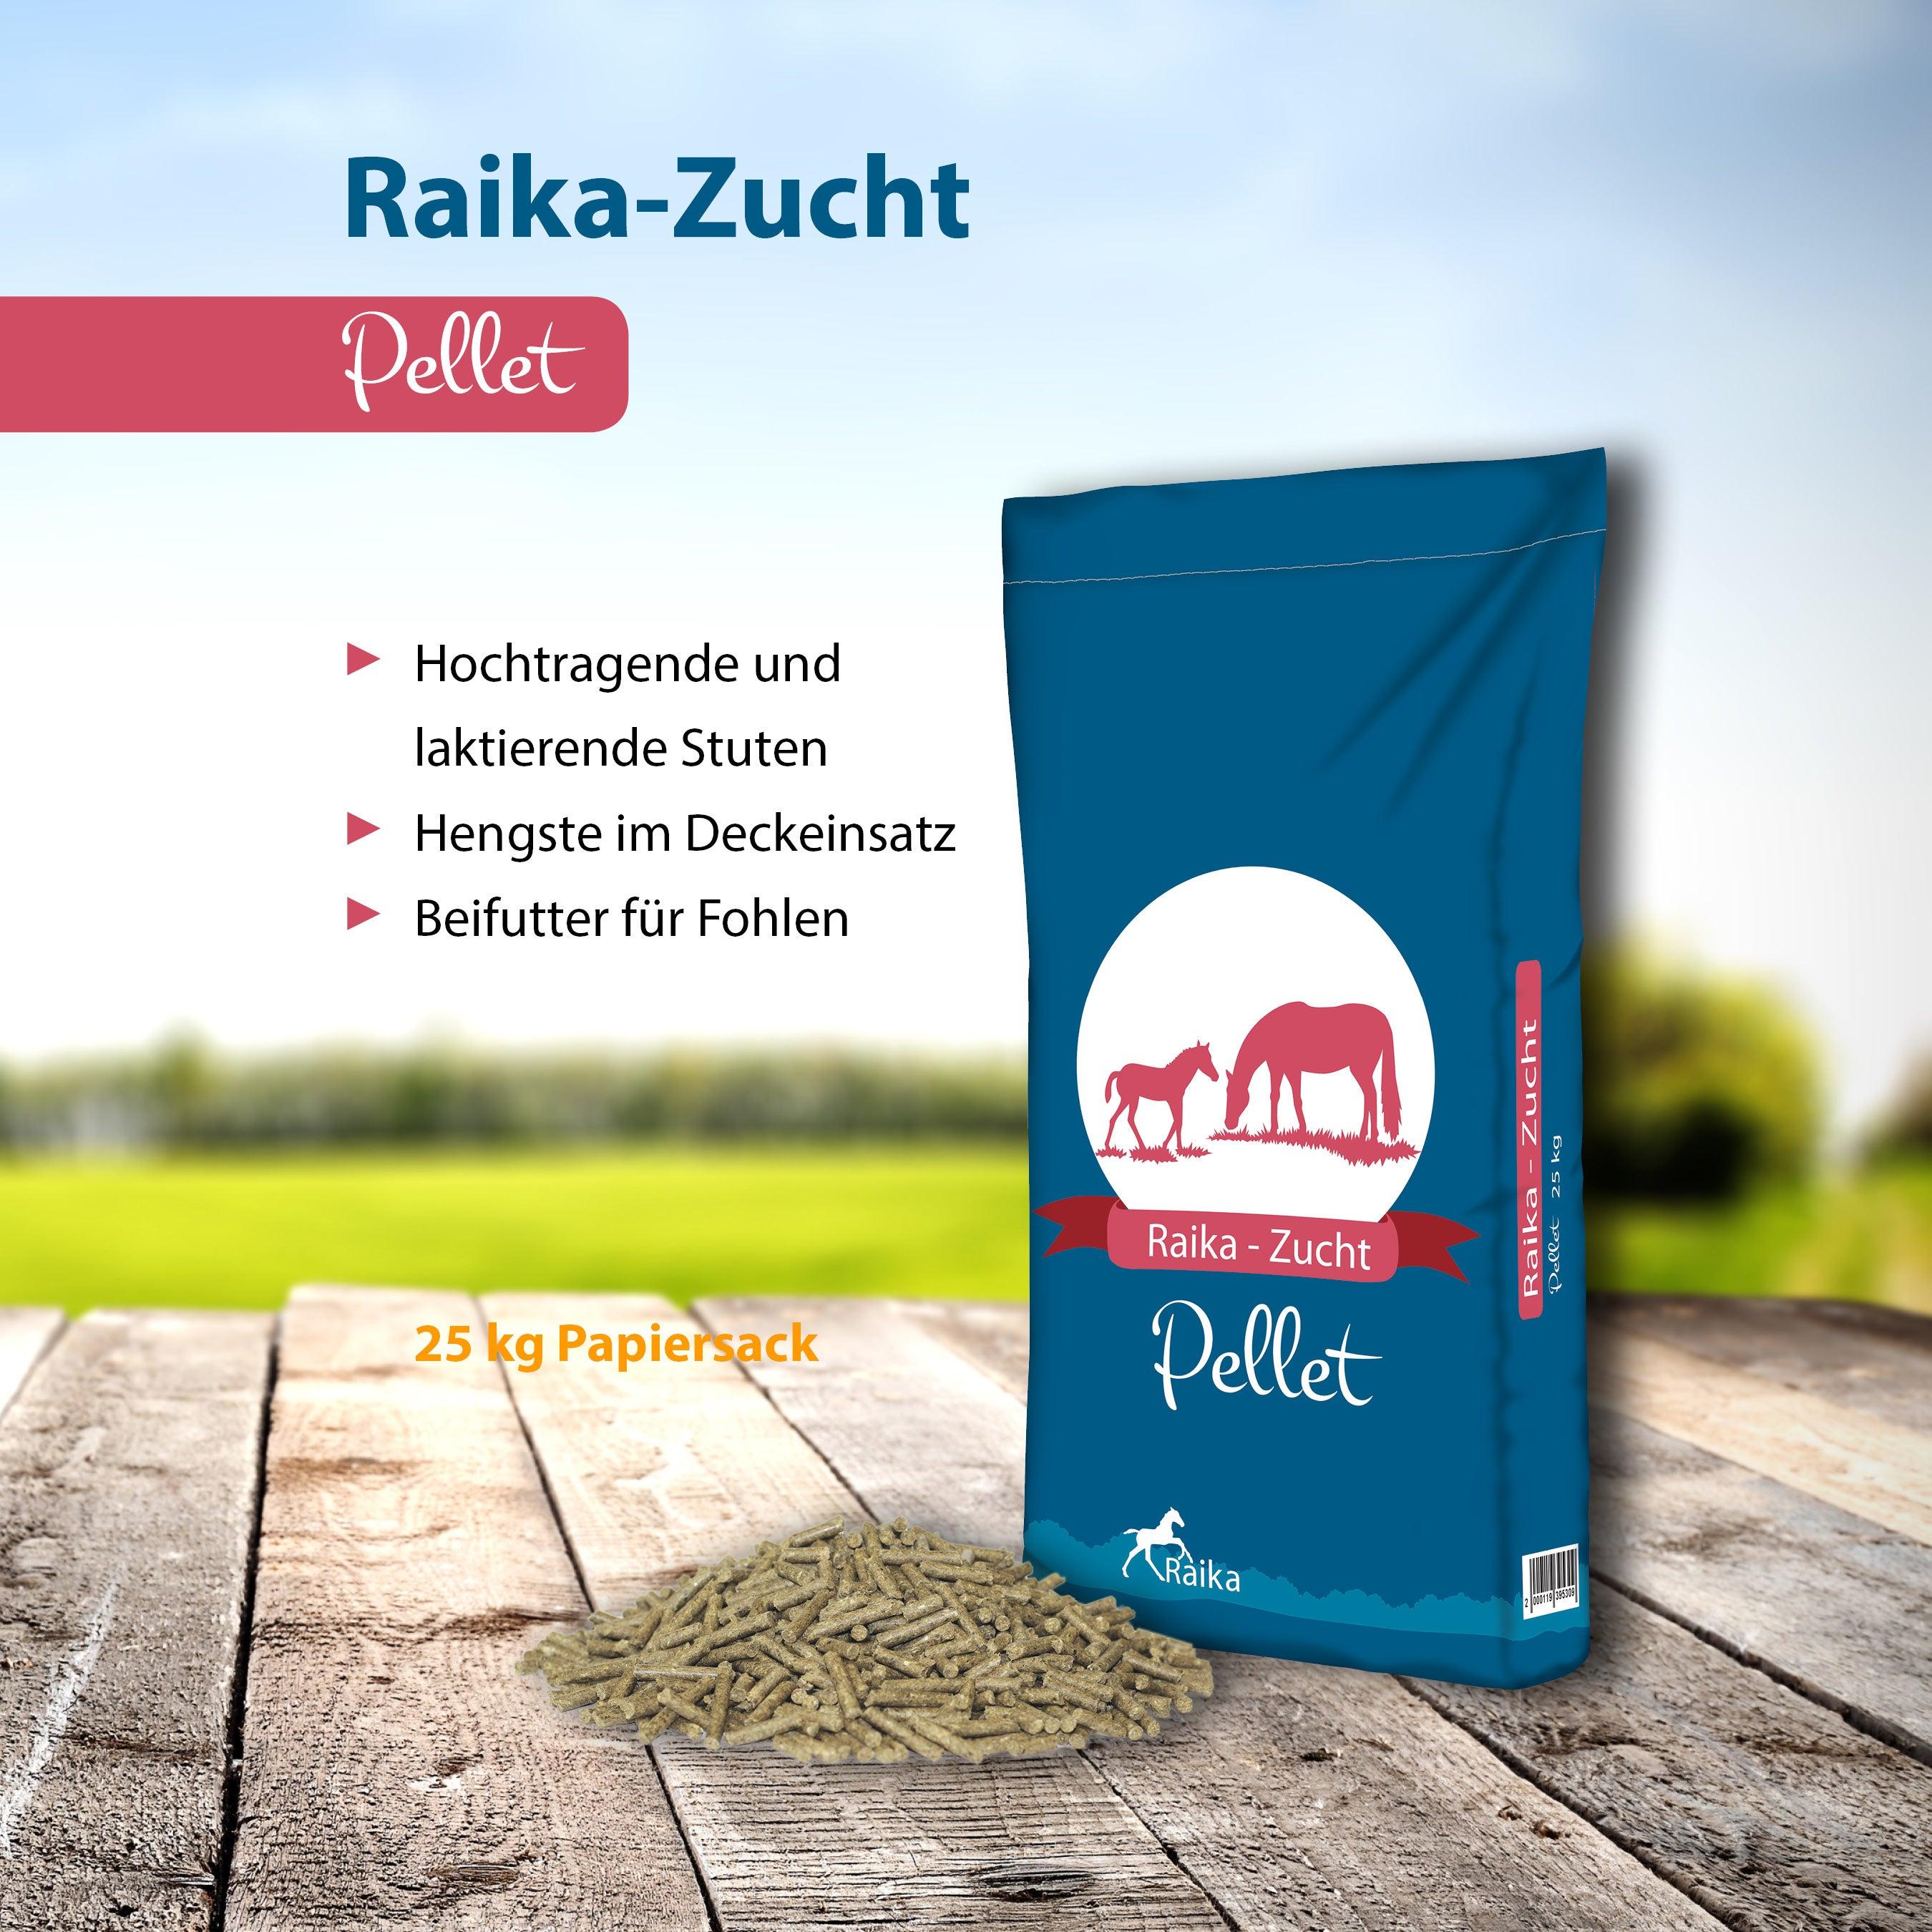 Raika-Zucht Pellet Pferdefutter